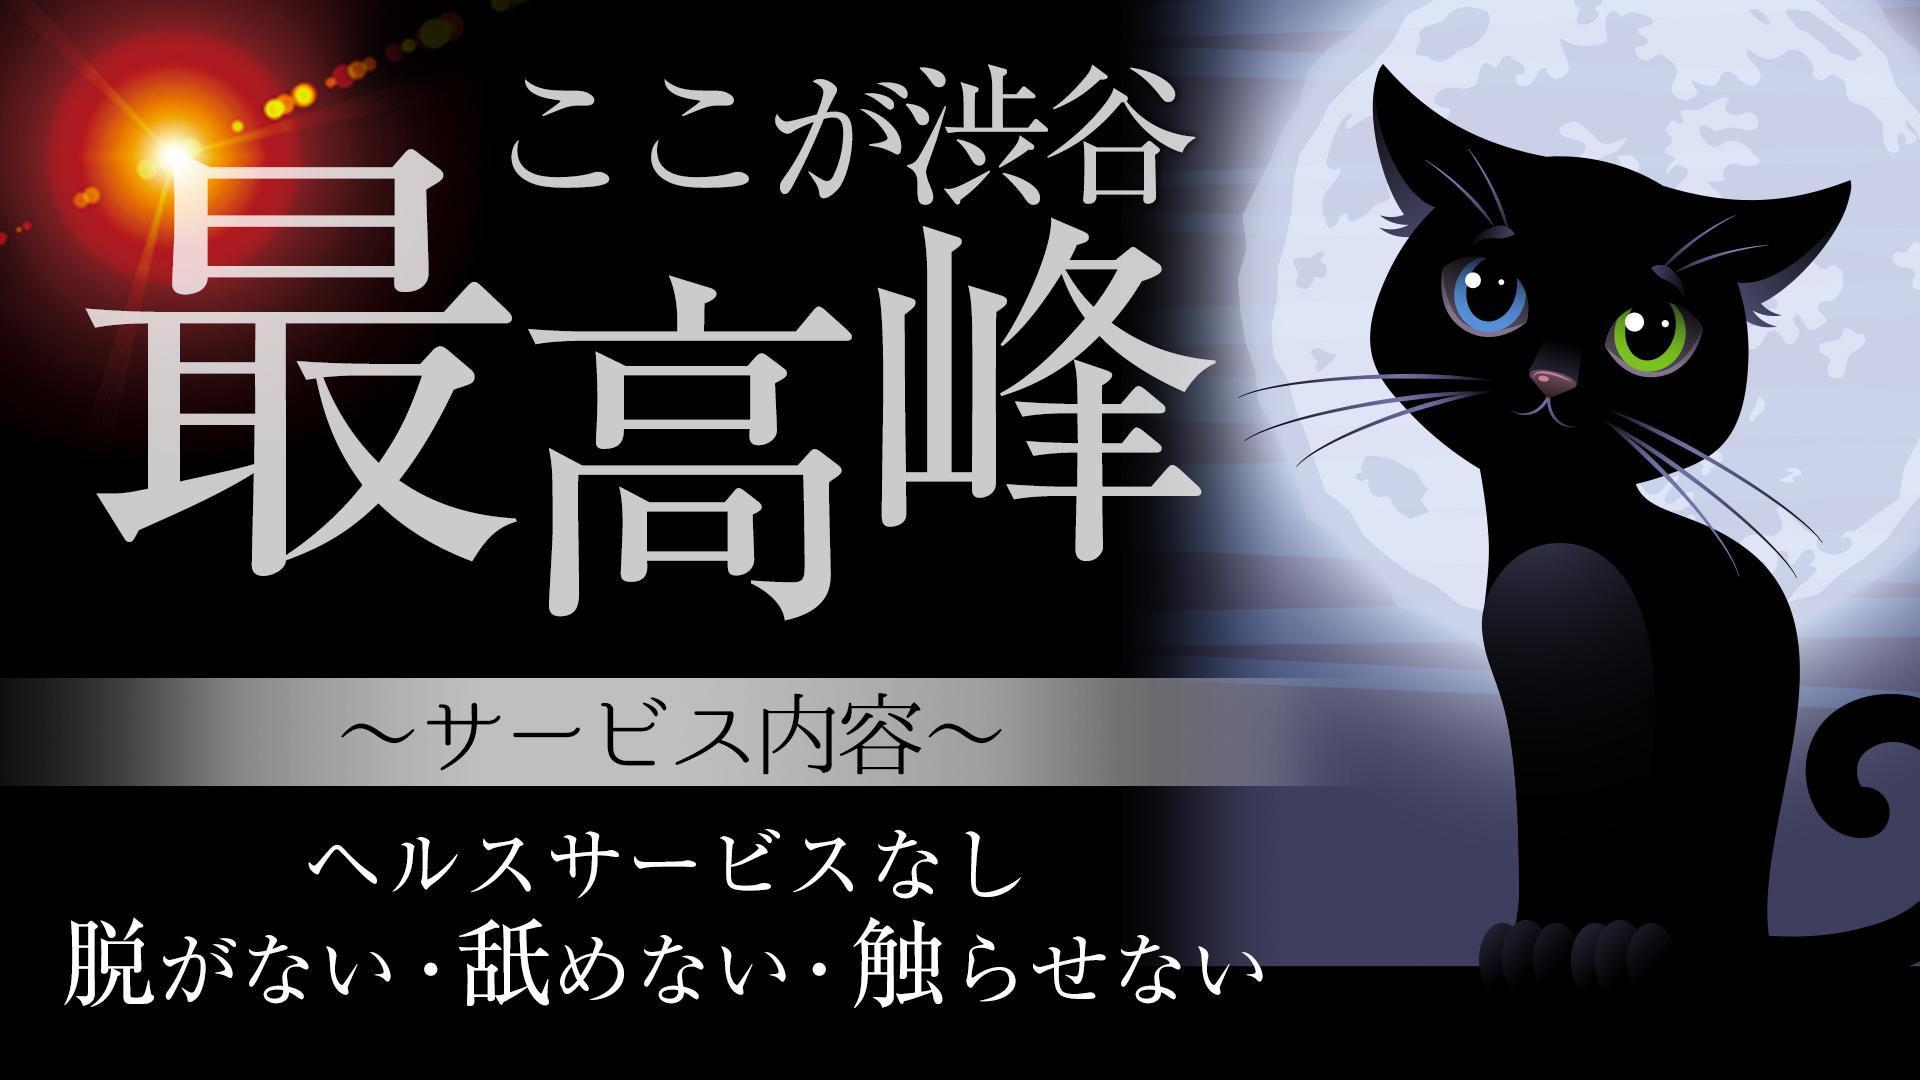 C.C.Cats